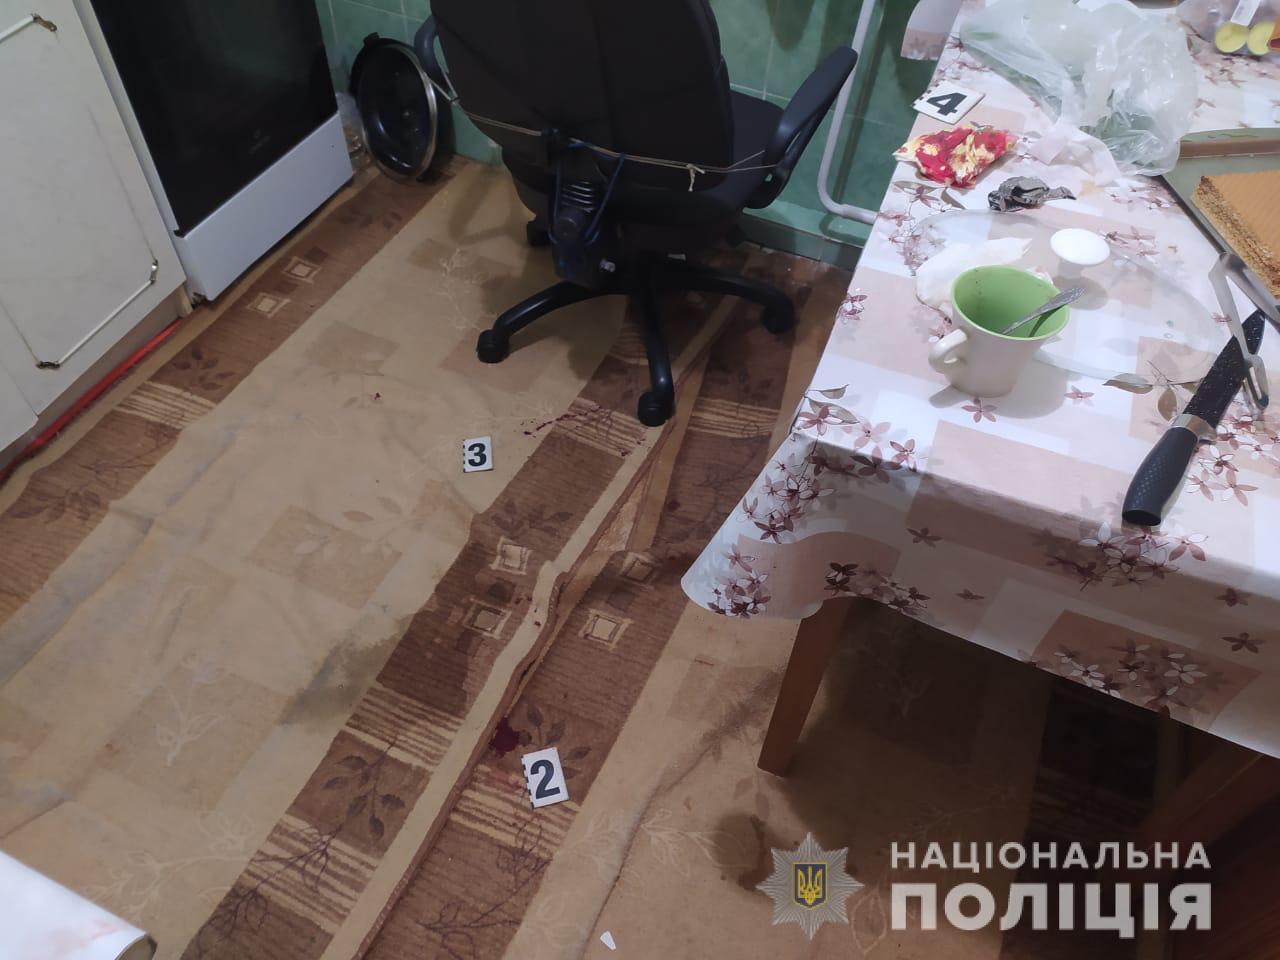 Кровавая резня в Закарпатье: Жертвой женщины стал собственный муж